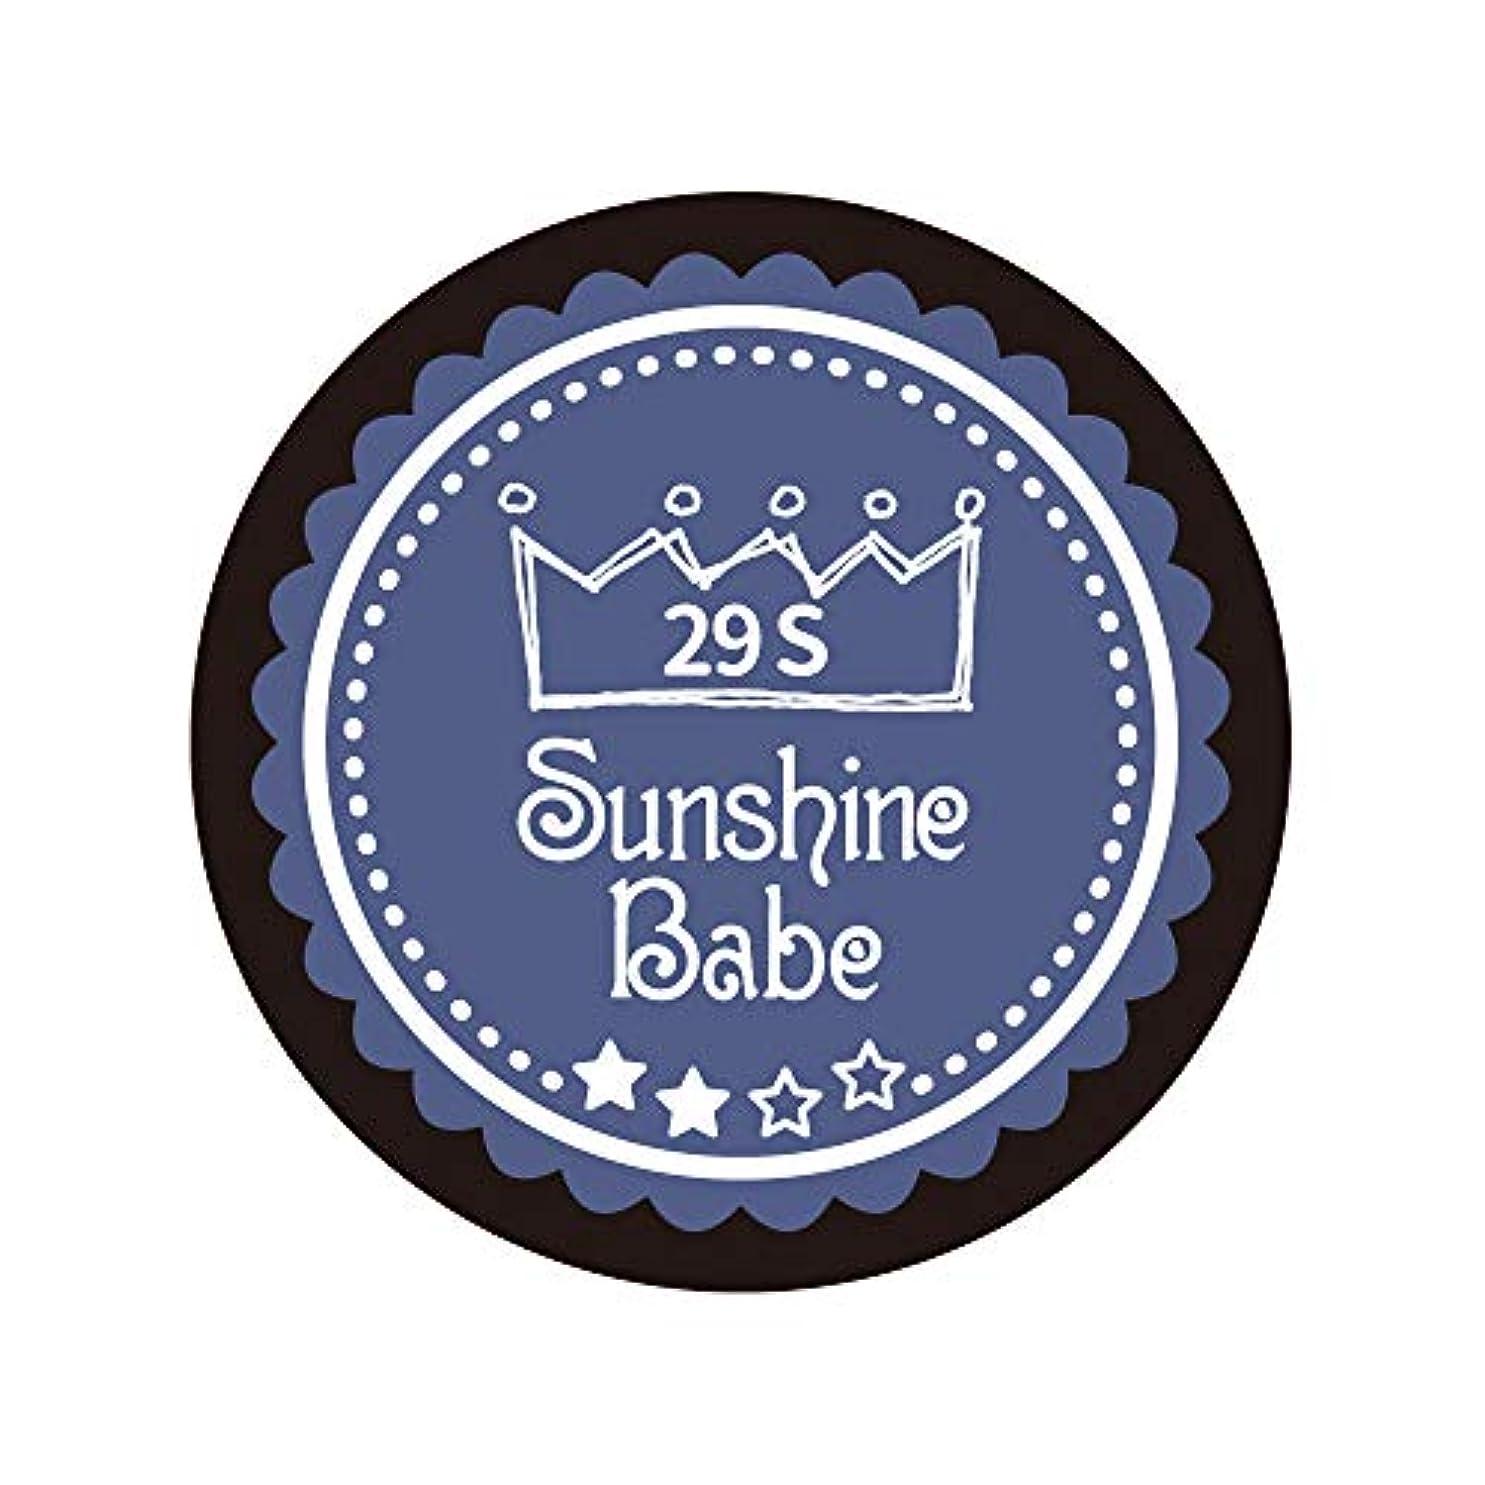 研磨ひいきにする貢献するSunshine Babe カラージェル 29S ネイビーグレー 2.7g UV/LED対応